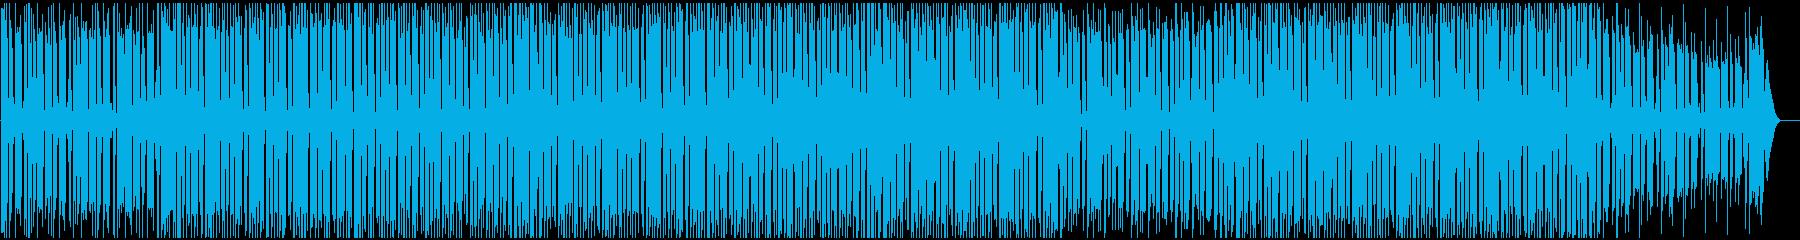 ニュースの裏で流れるようなハウスBGMの再生済みの波形